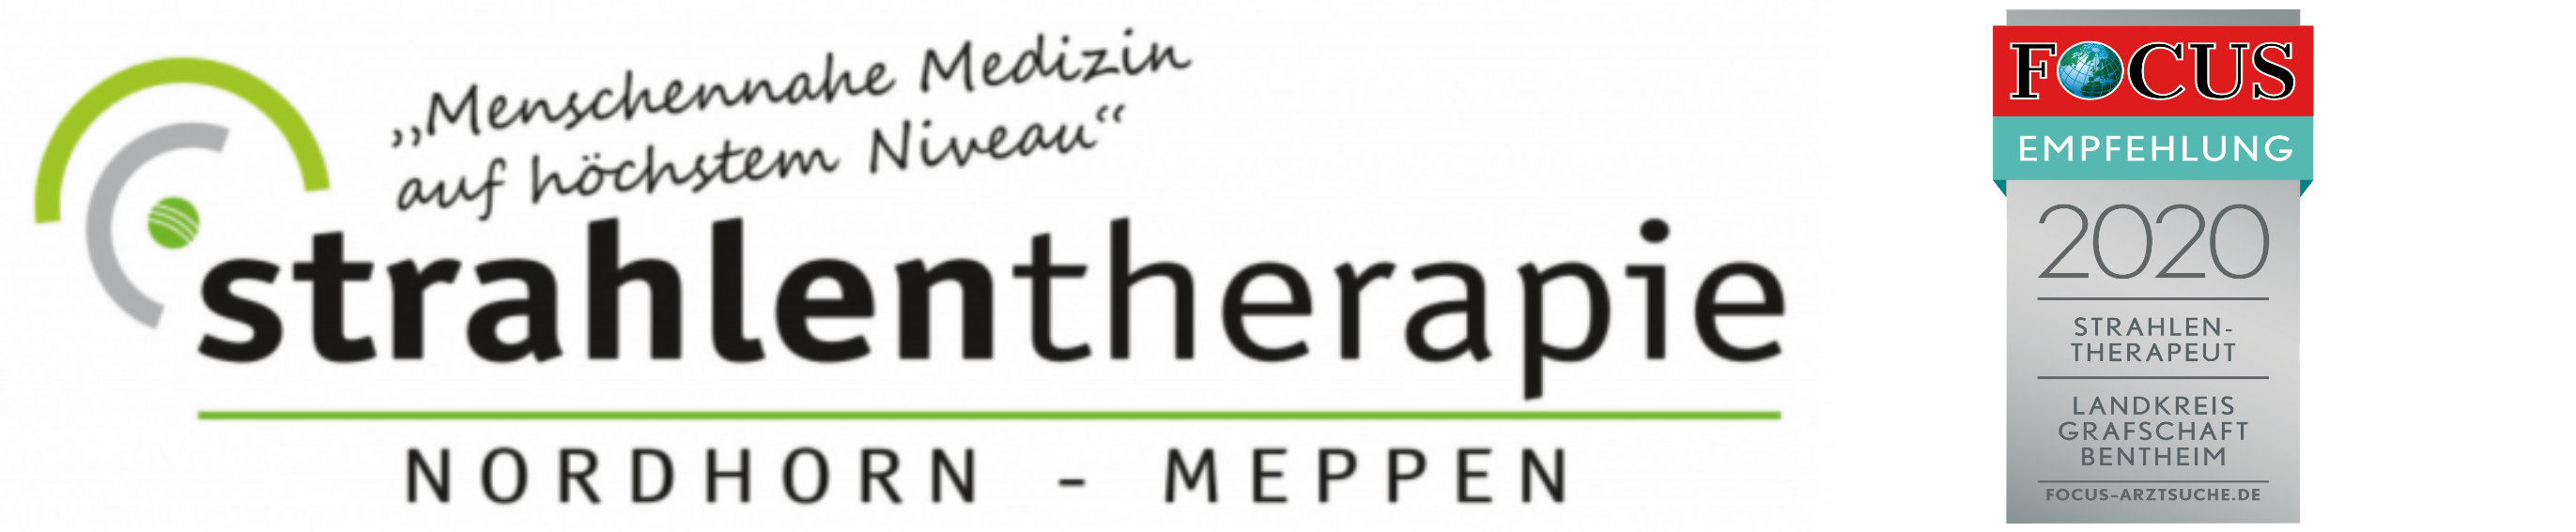 Strahlentherapie Nordhorn